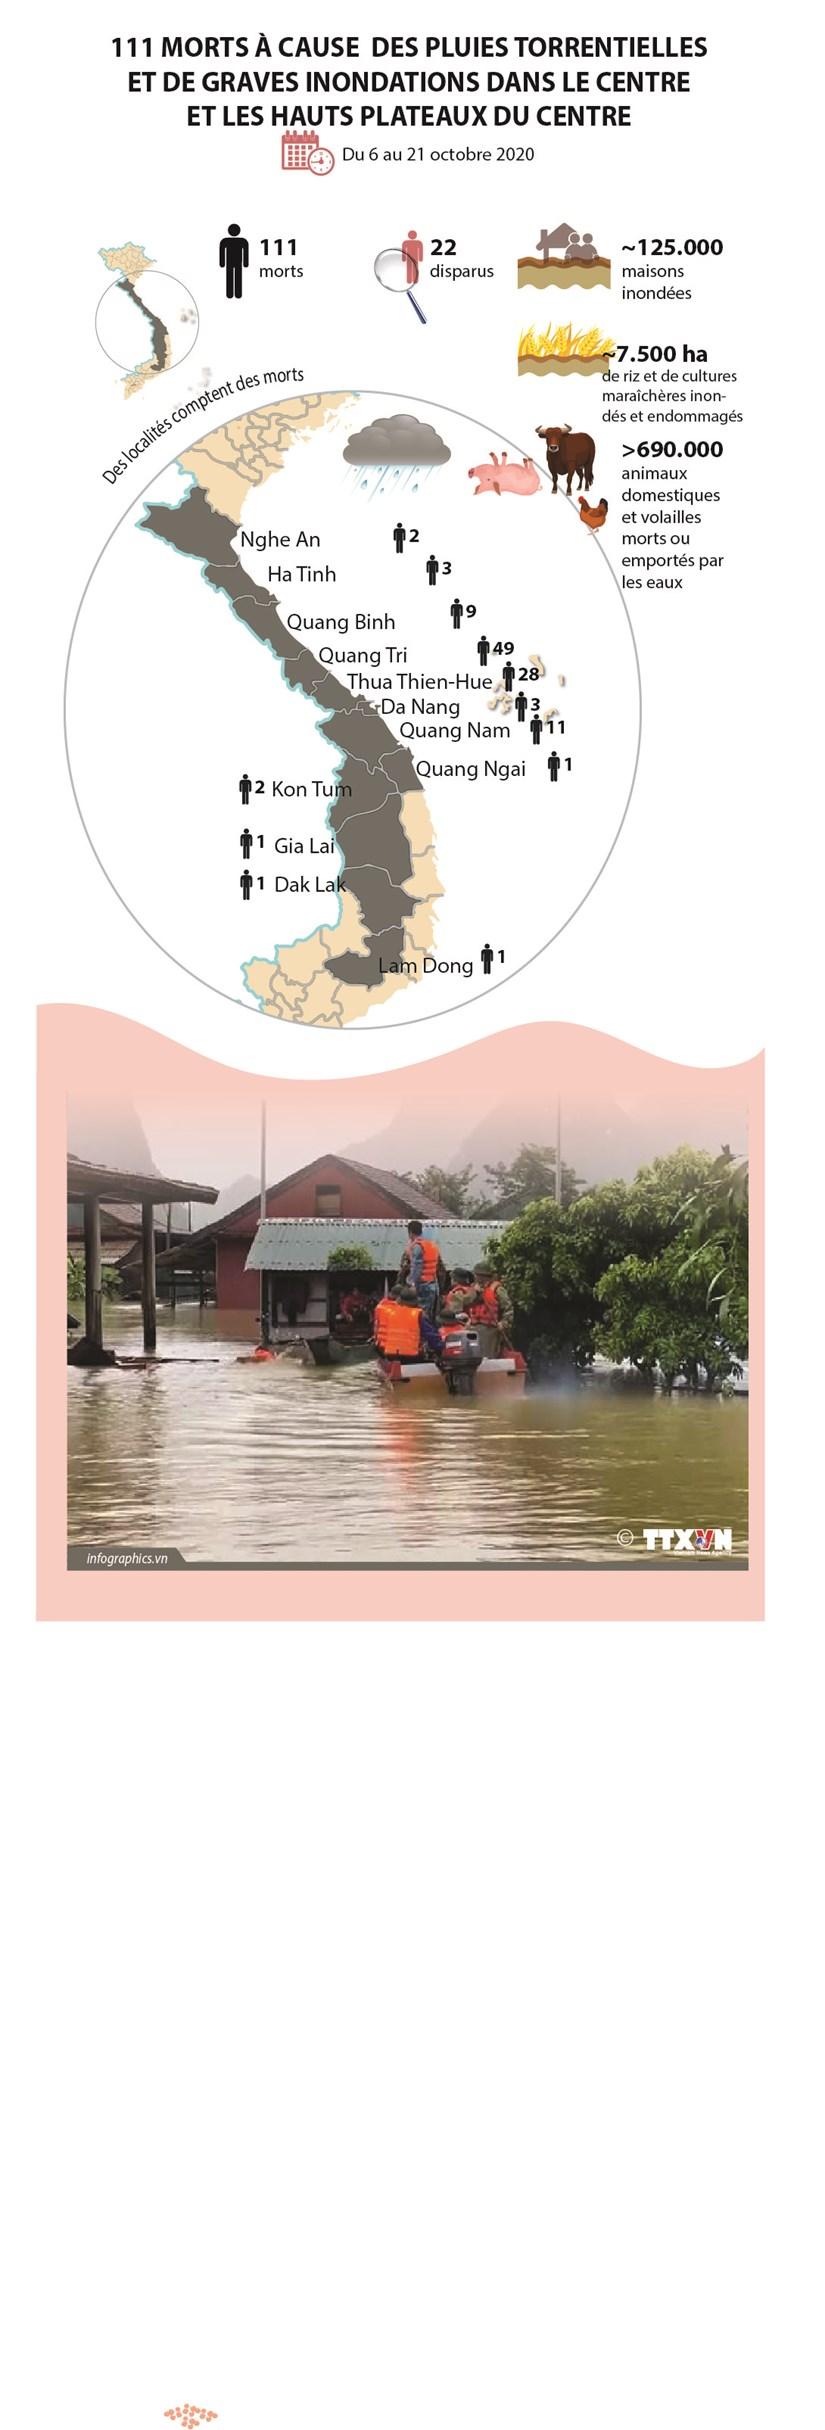 111 morts a cause des inondations dans le Centre et les Hauts Plateaux du Centre hinh anh 1